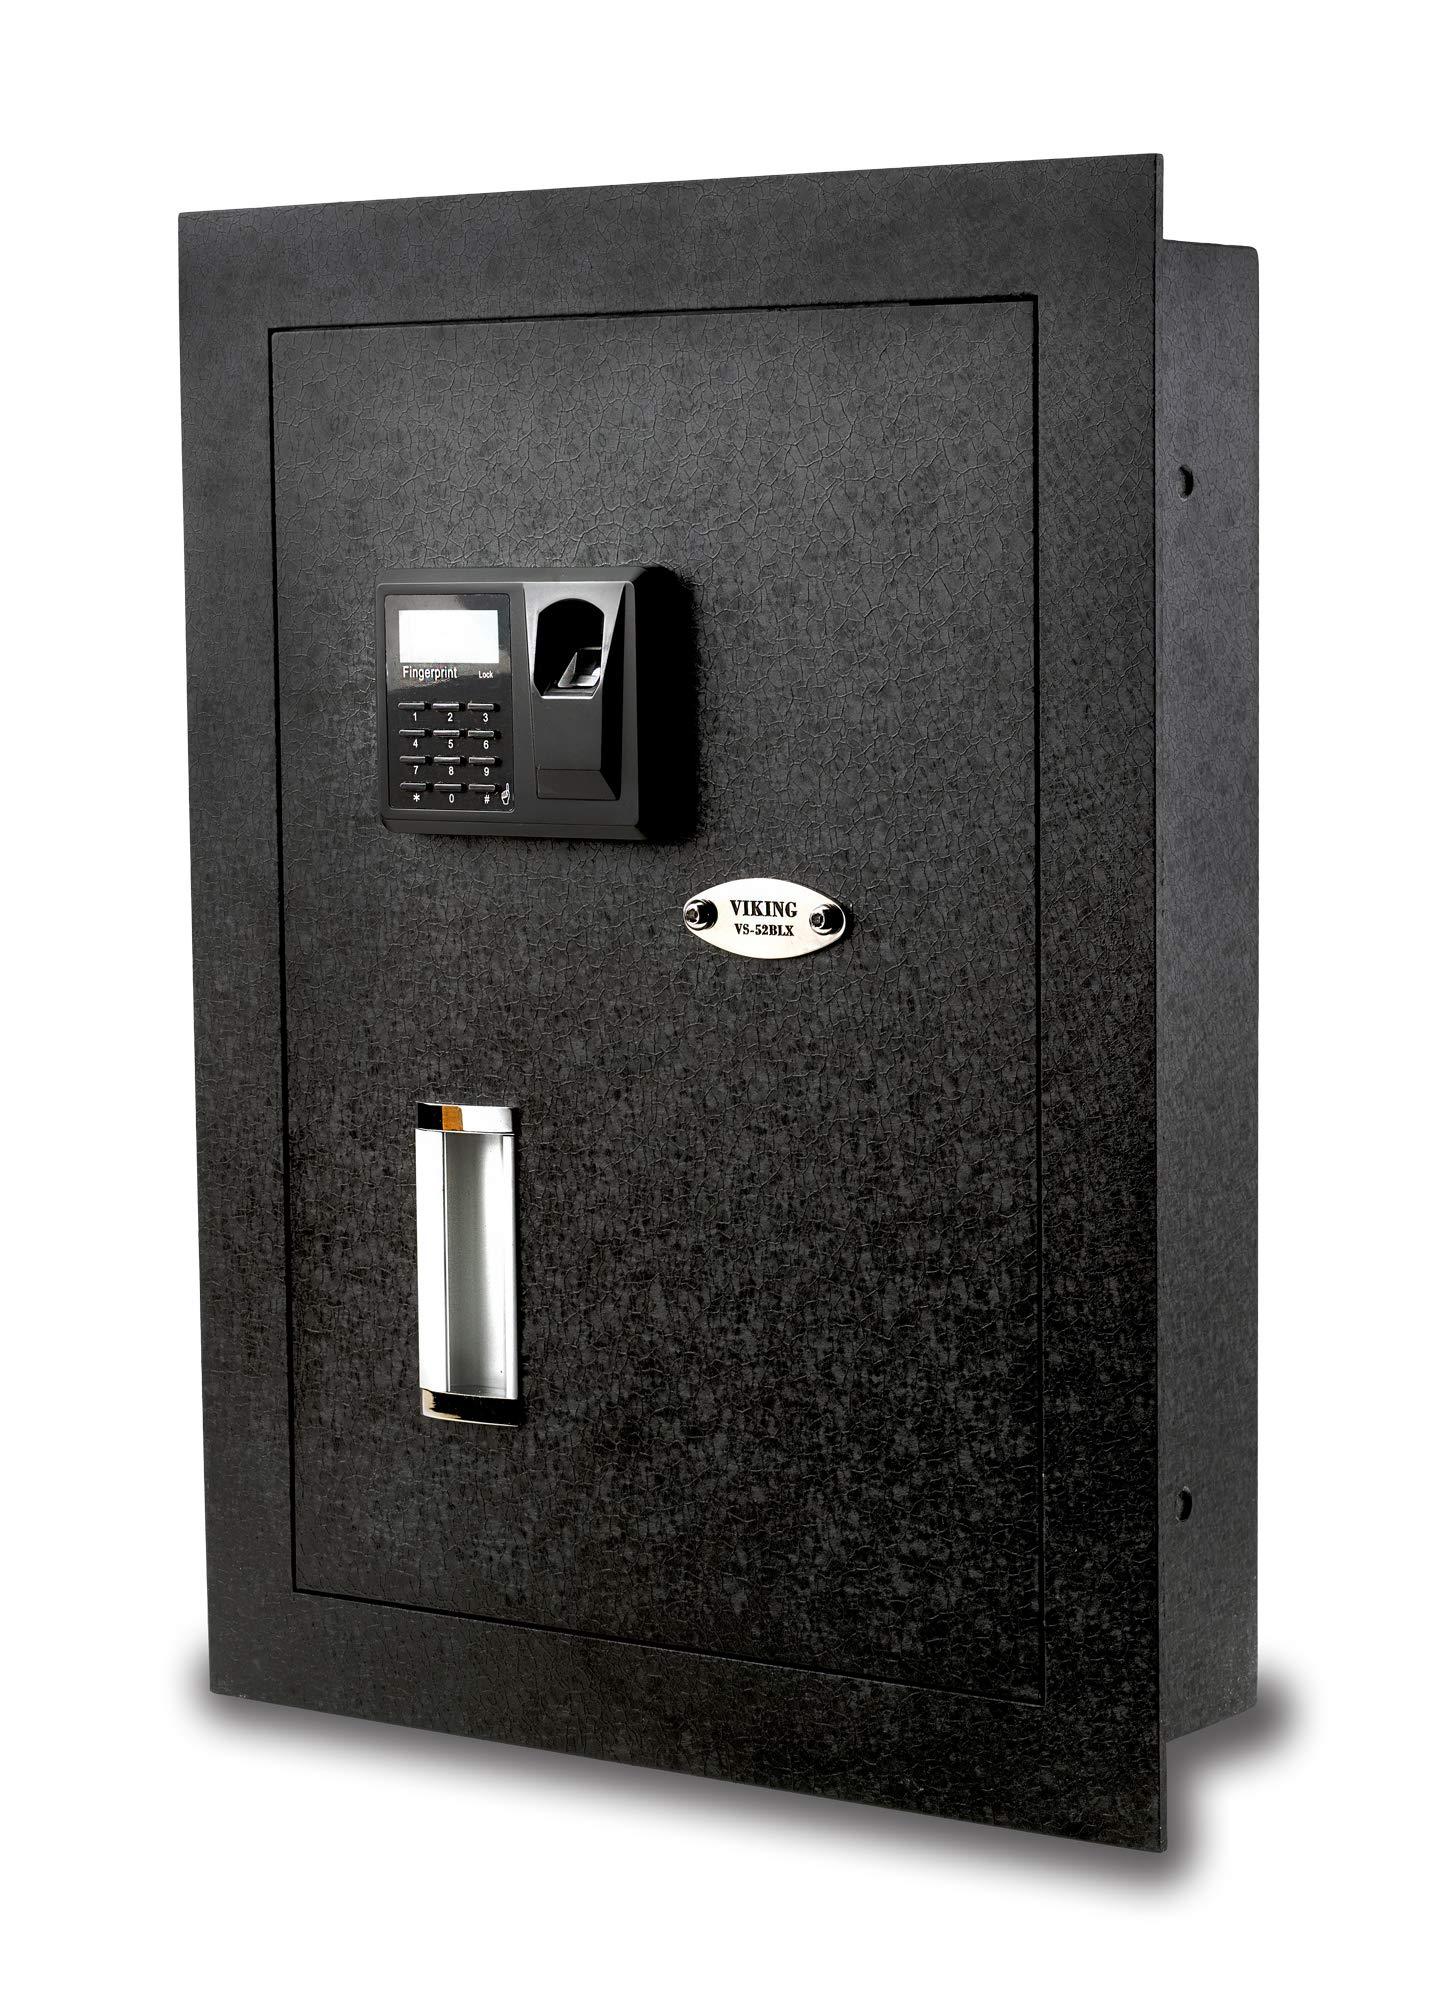 Viking Security Safe VS-52BLX Biometric Fingerprint Hidden Wall Safe by Viking Security Safe